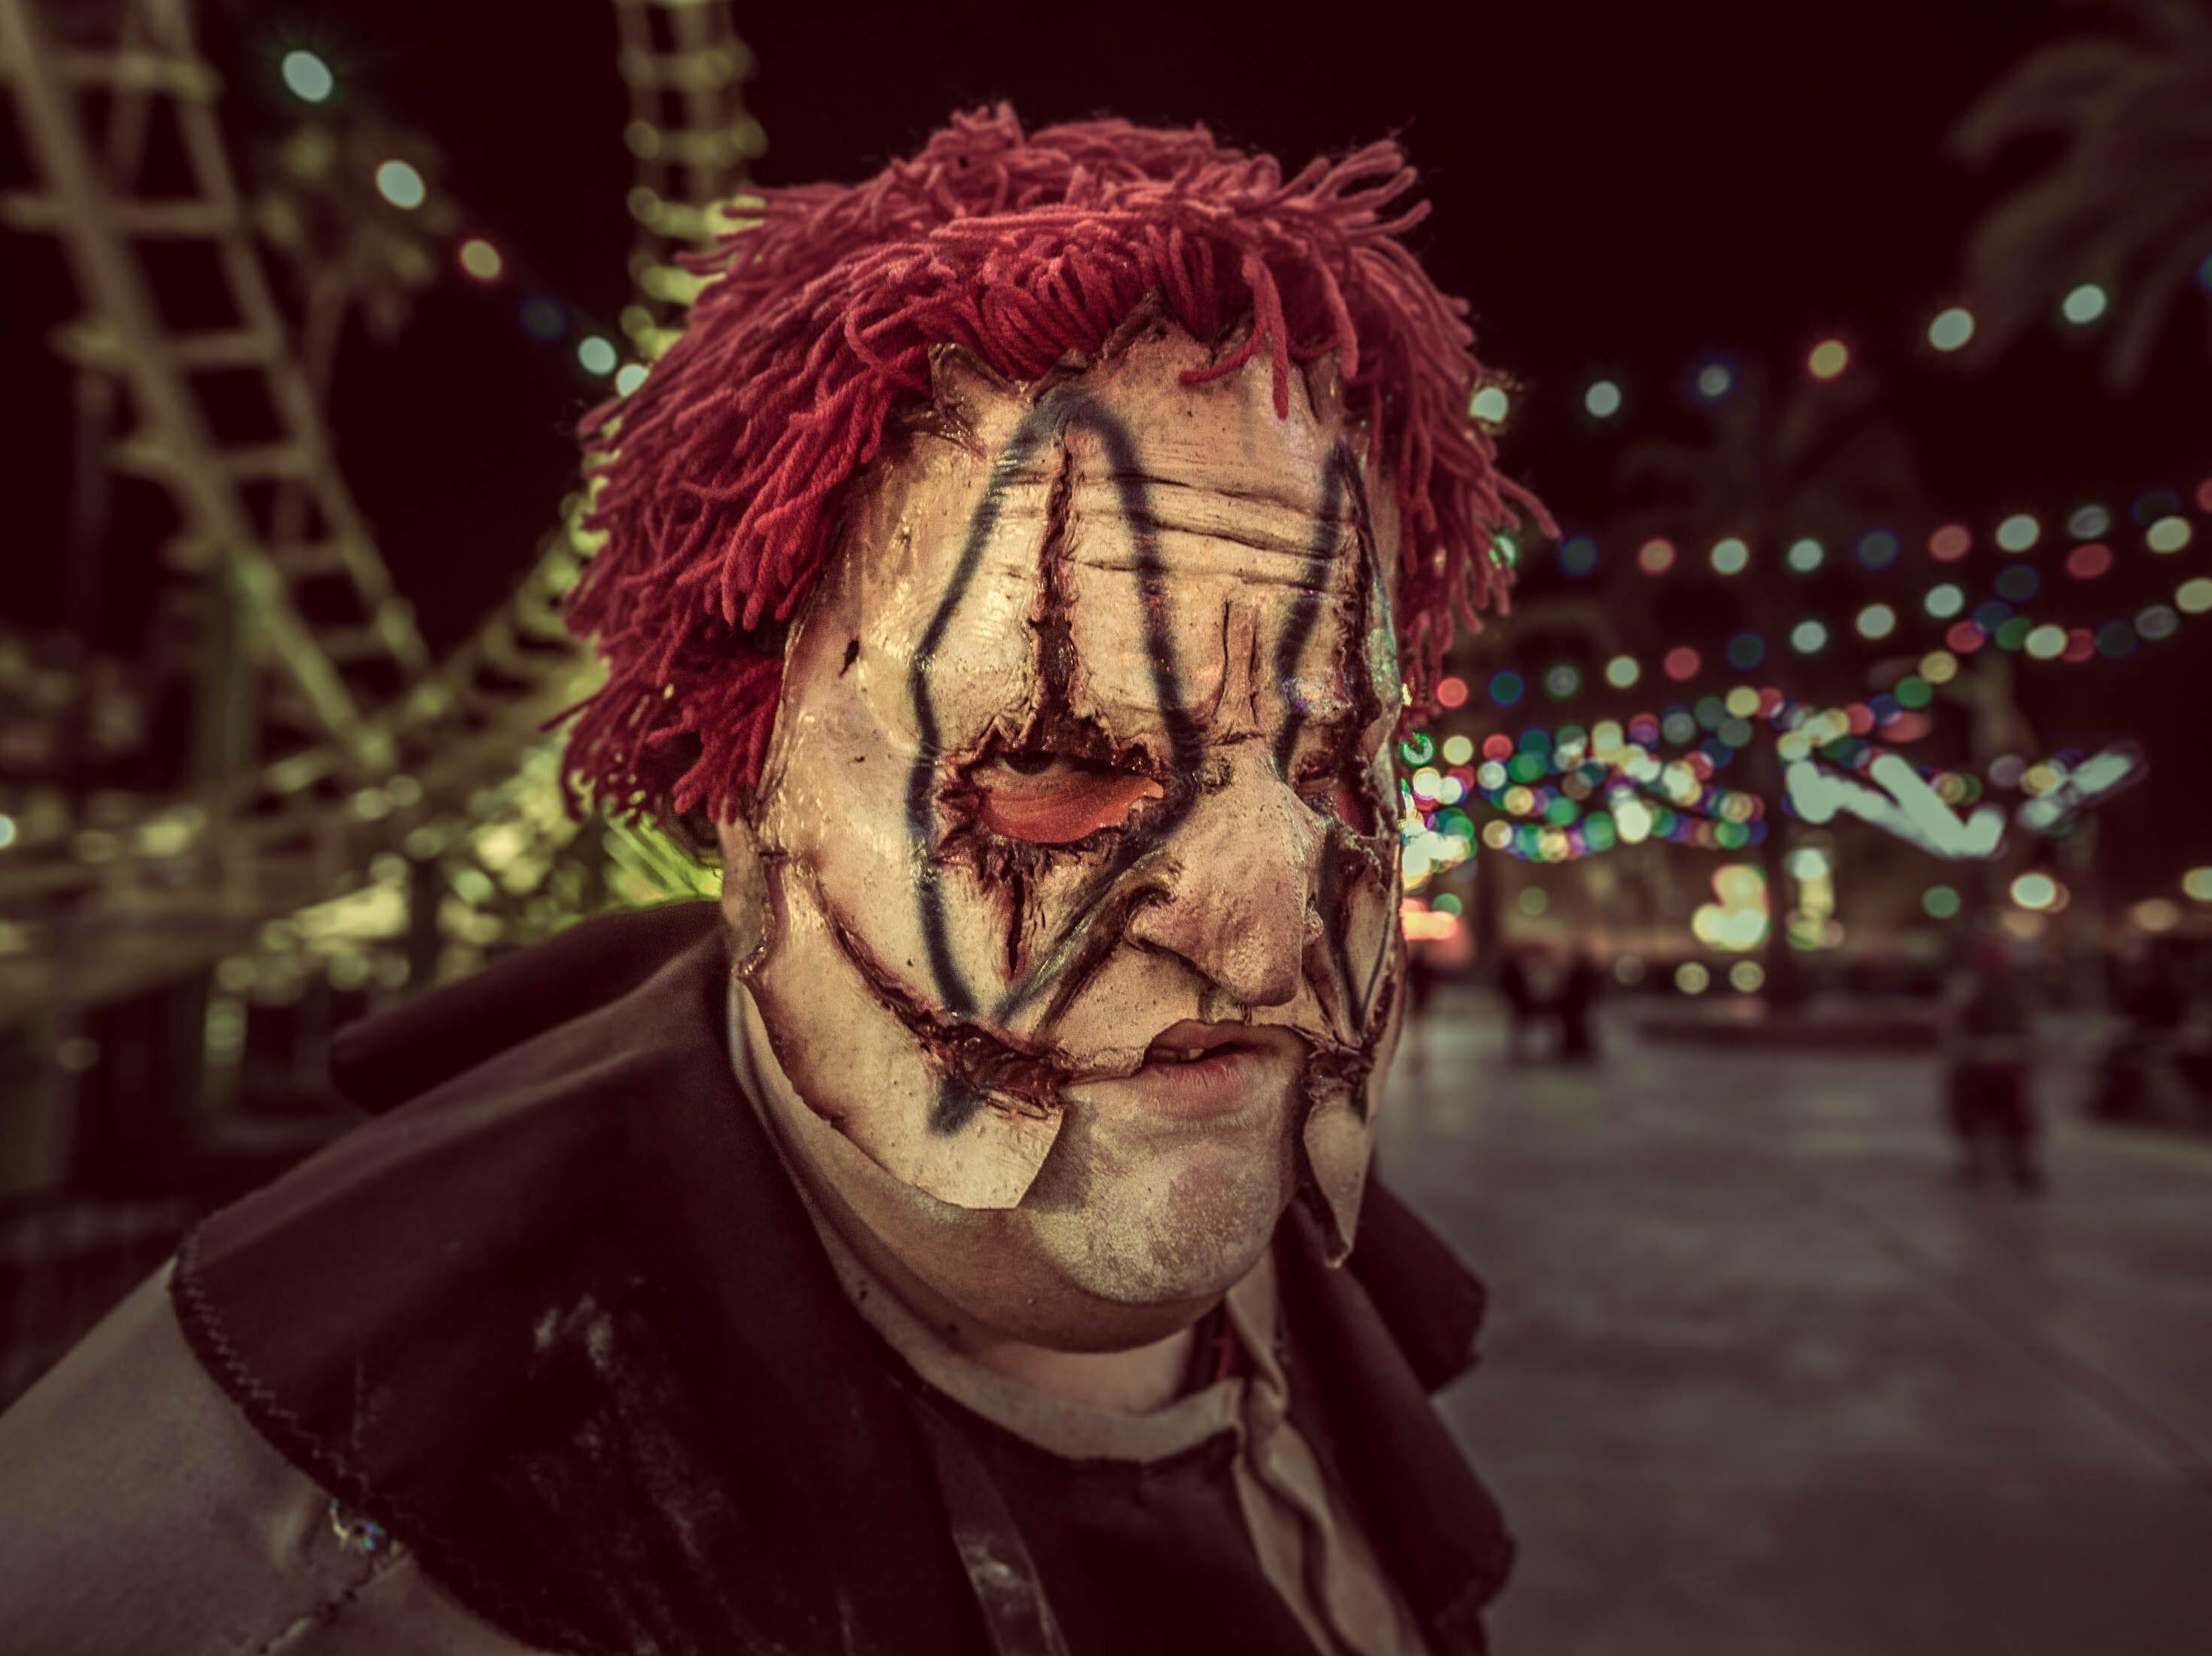 No clowning around at Knott's Scary Farm.